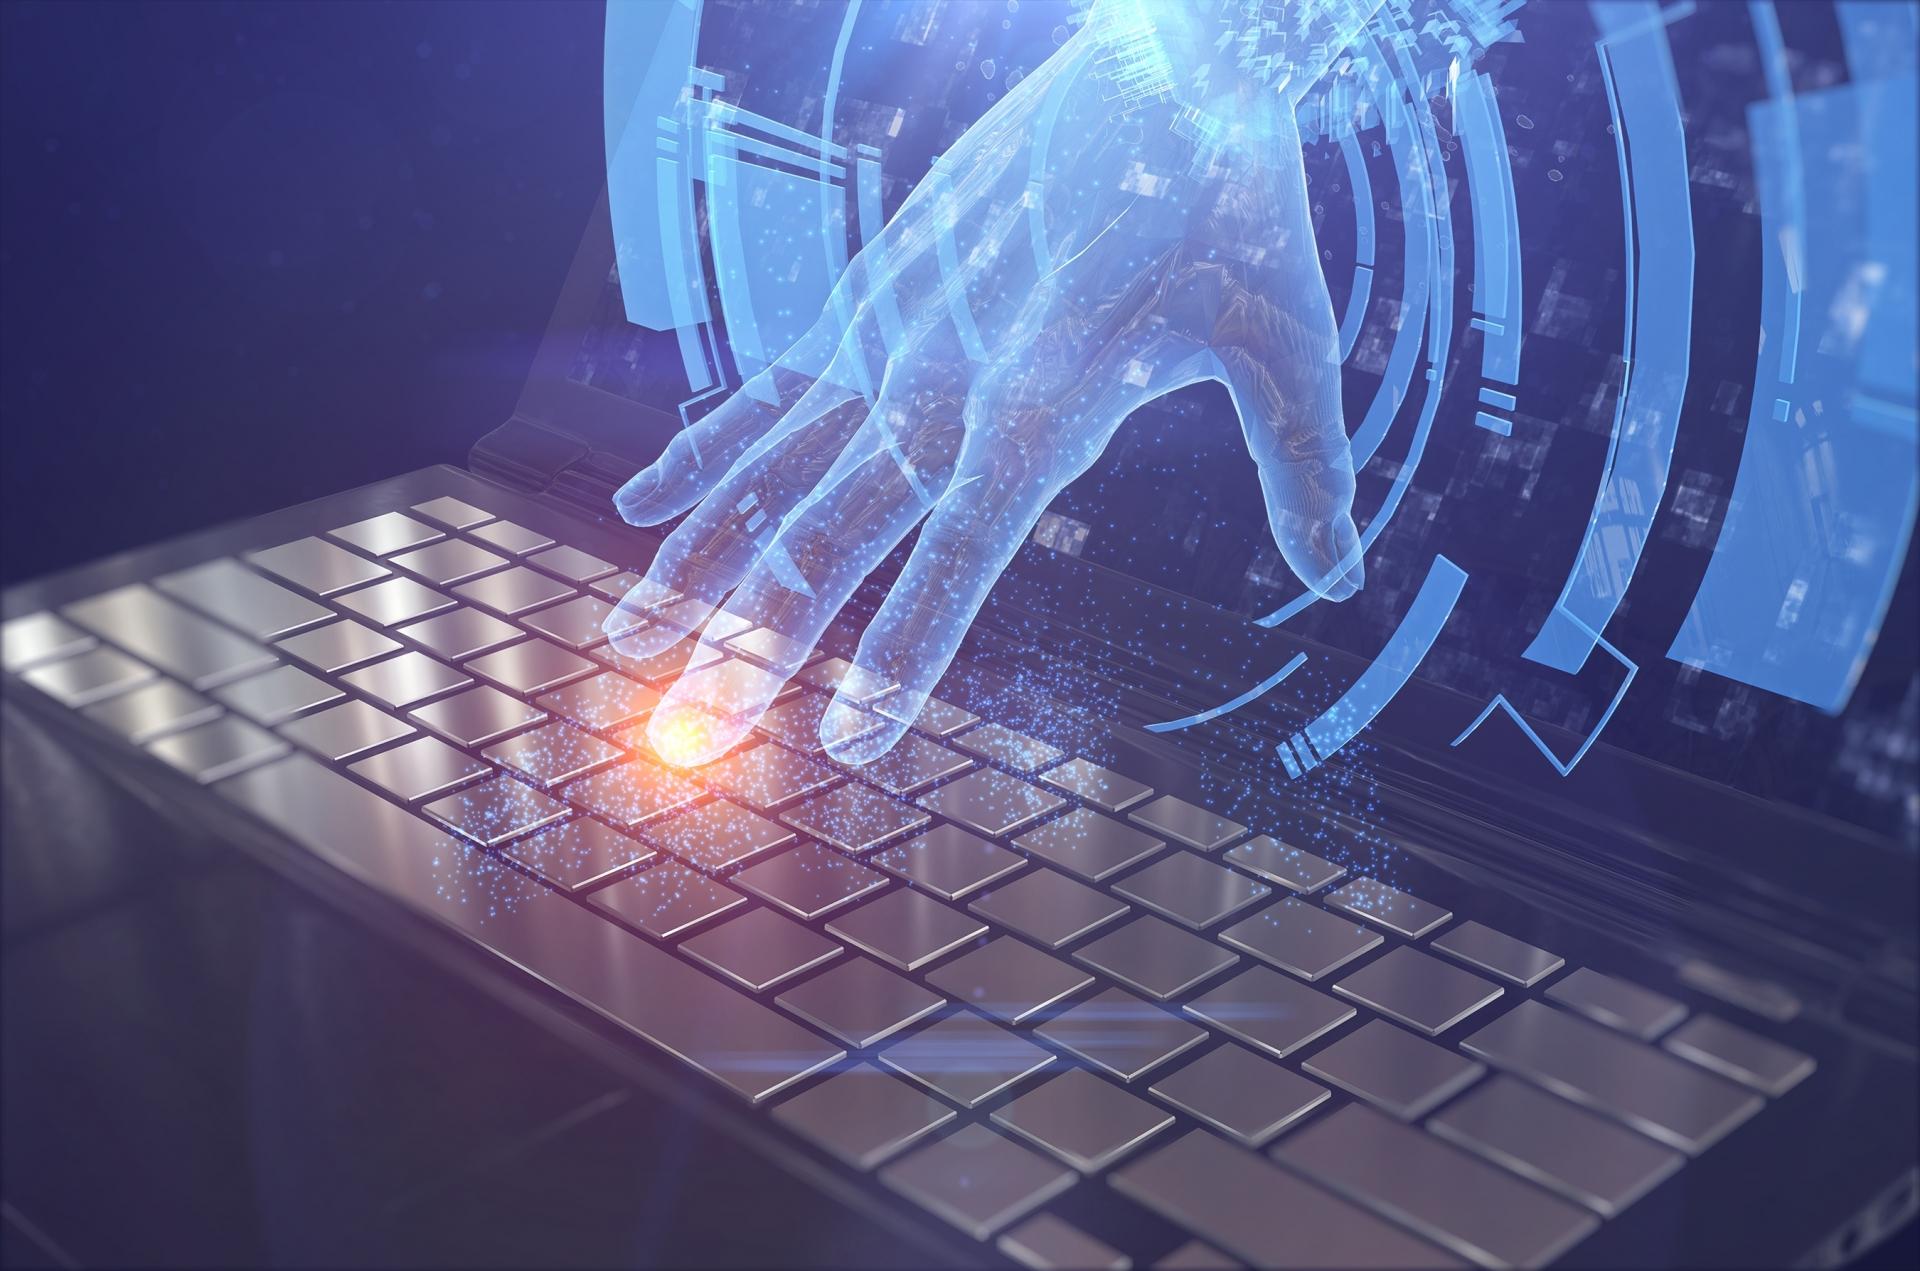 サイバー攻撃の種類とそれぞれに効果的な対策